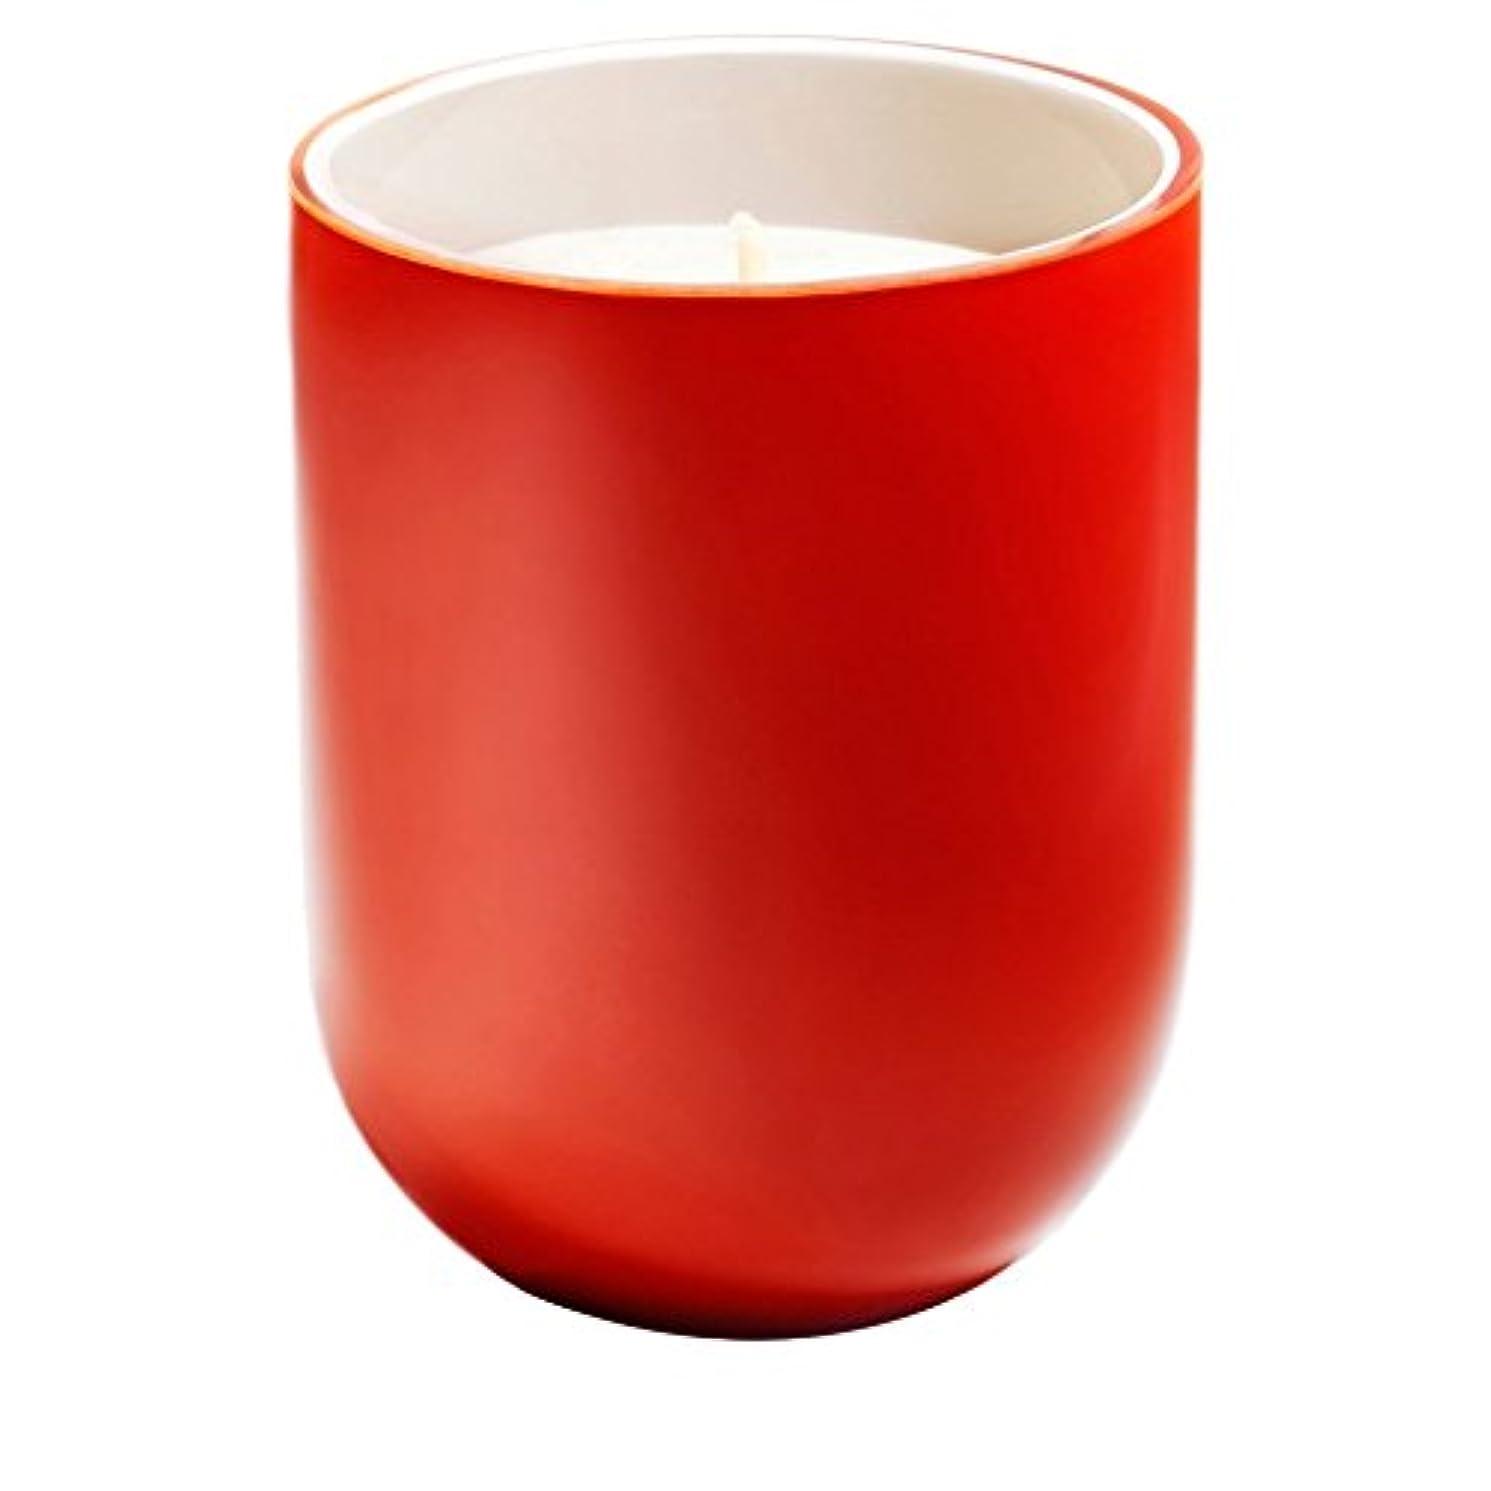 従来の覚醒邪魔するフレデリック?マルプルミエ舞香りのキャンドル x6 - Frederic Malle 1er Mai Scented Candle (Pack of 6) [並行輸入品]